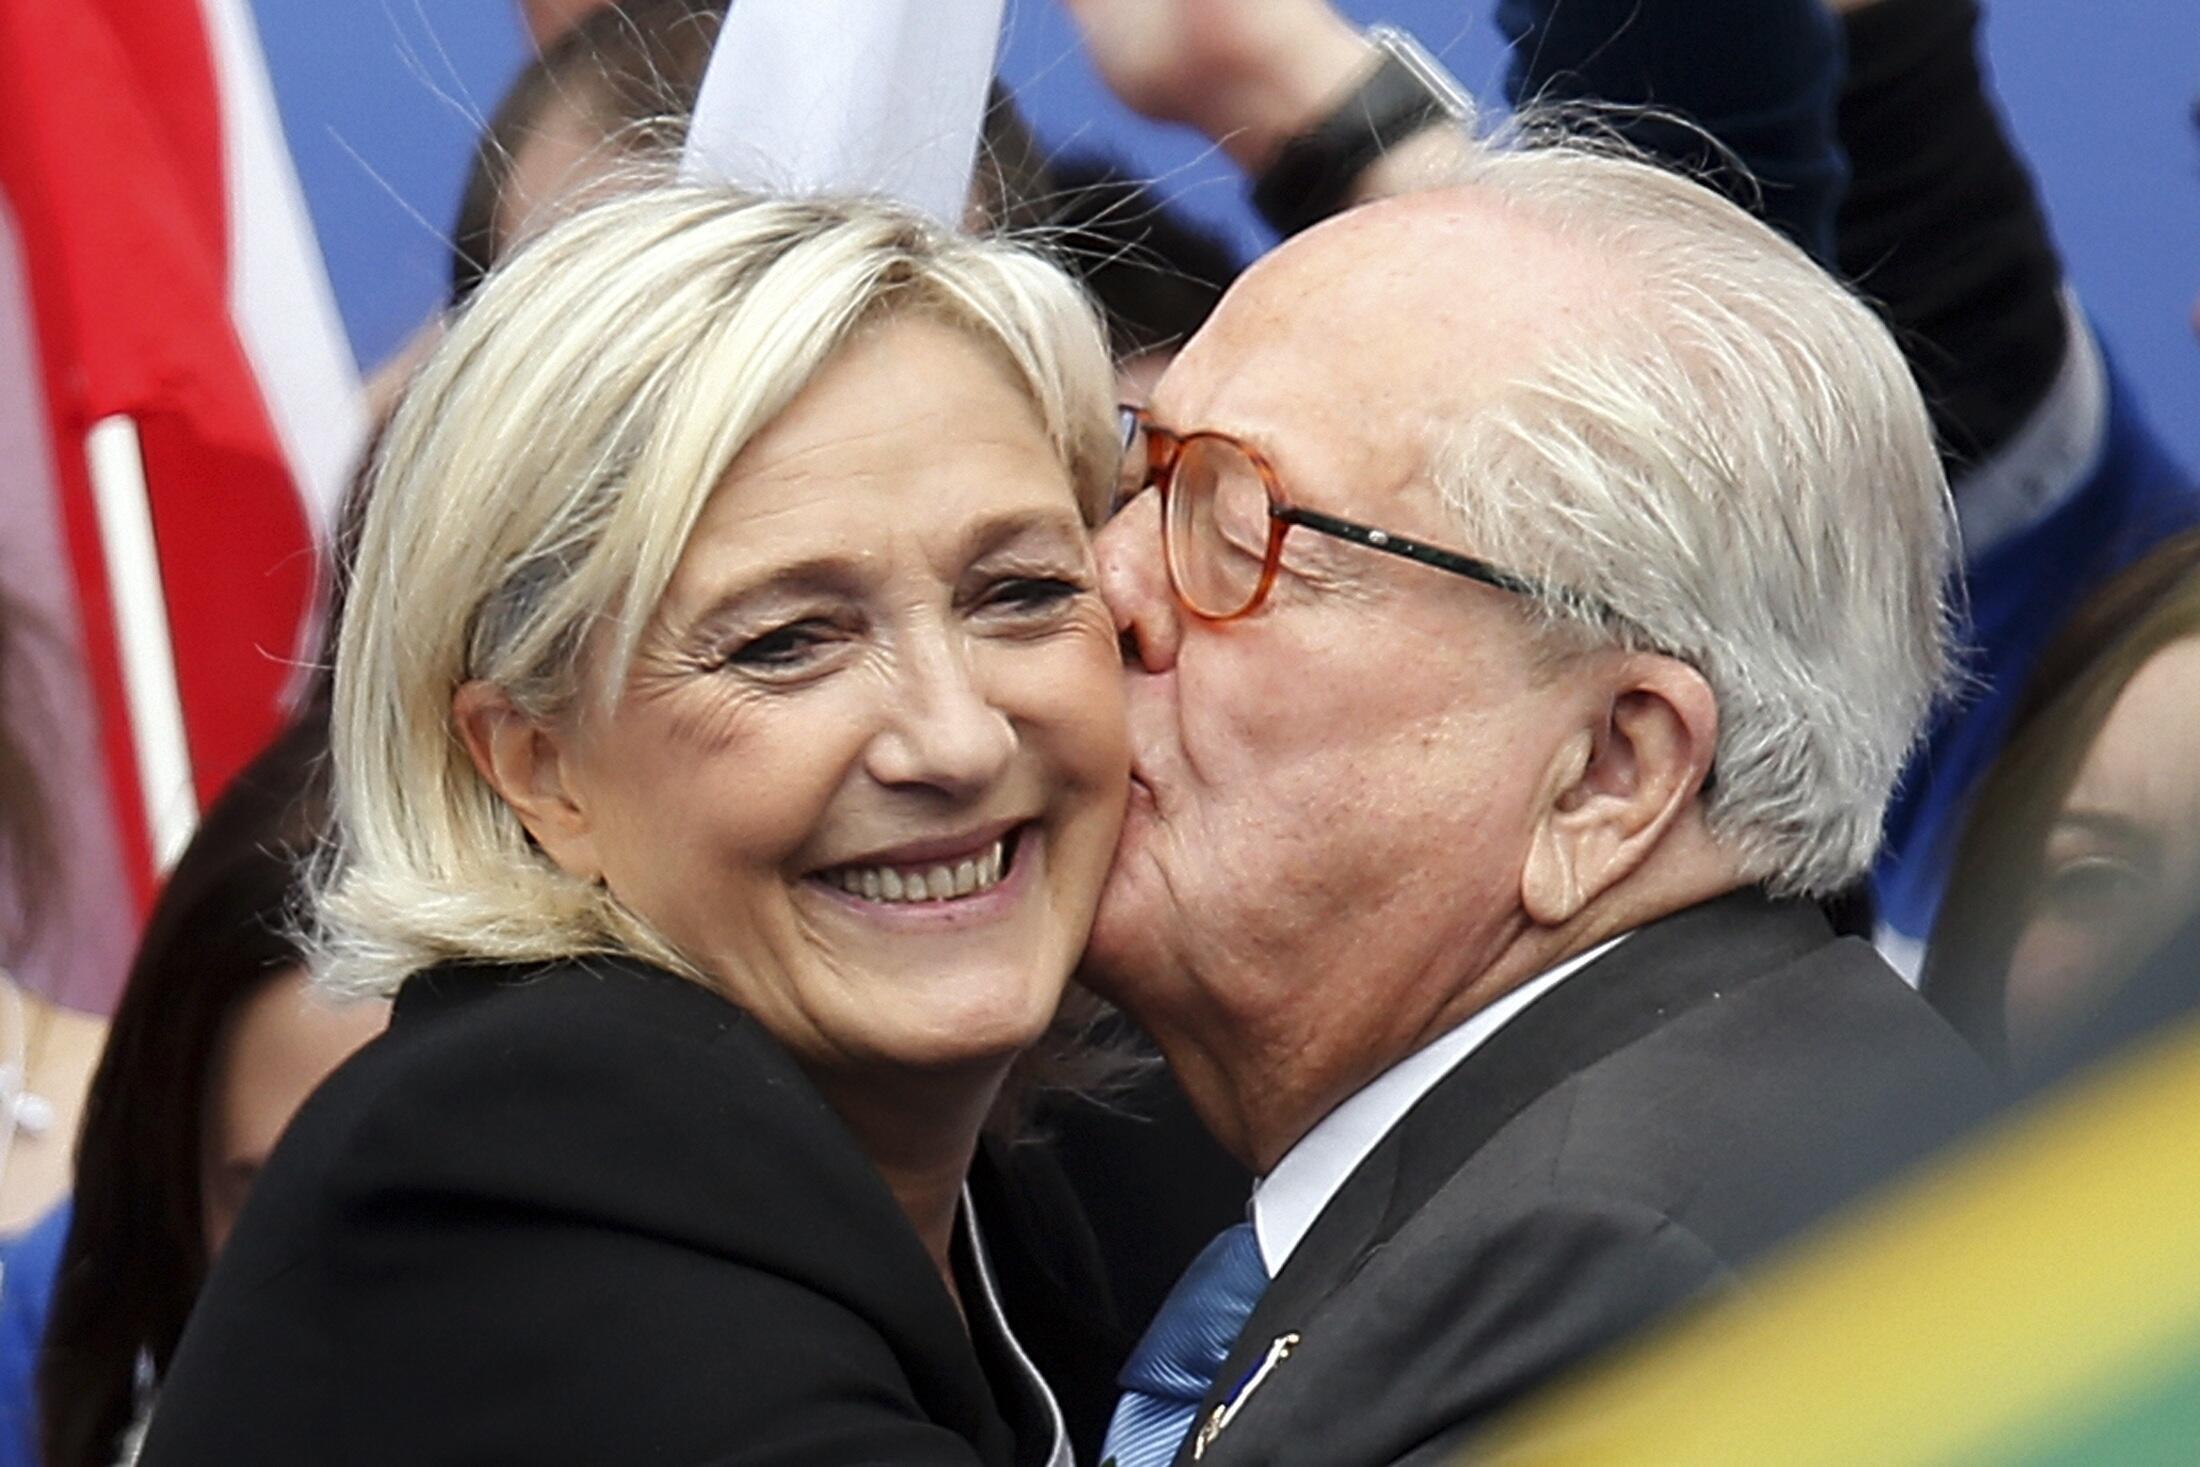 Весной 2015 года Марин Ле Пен избавилась от политического влияния слишком радикального отца, который стал помехой на пути развития Нацфронта